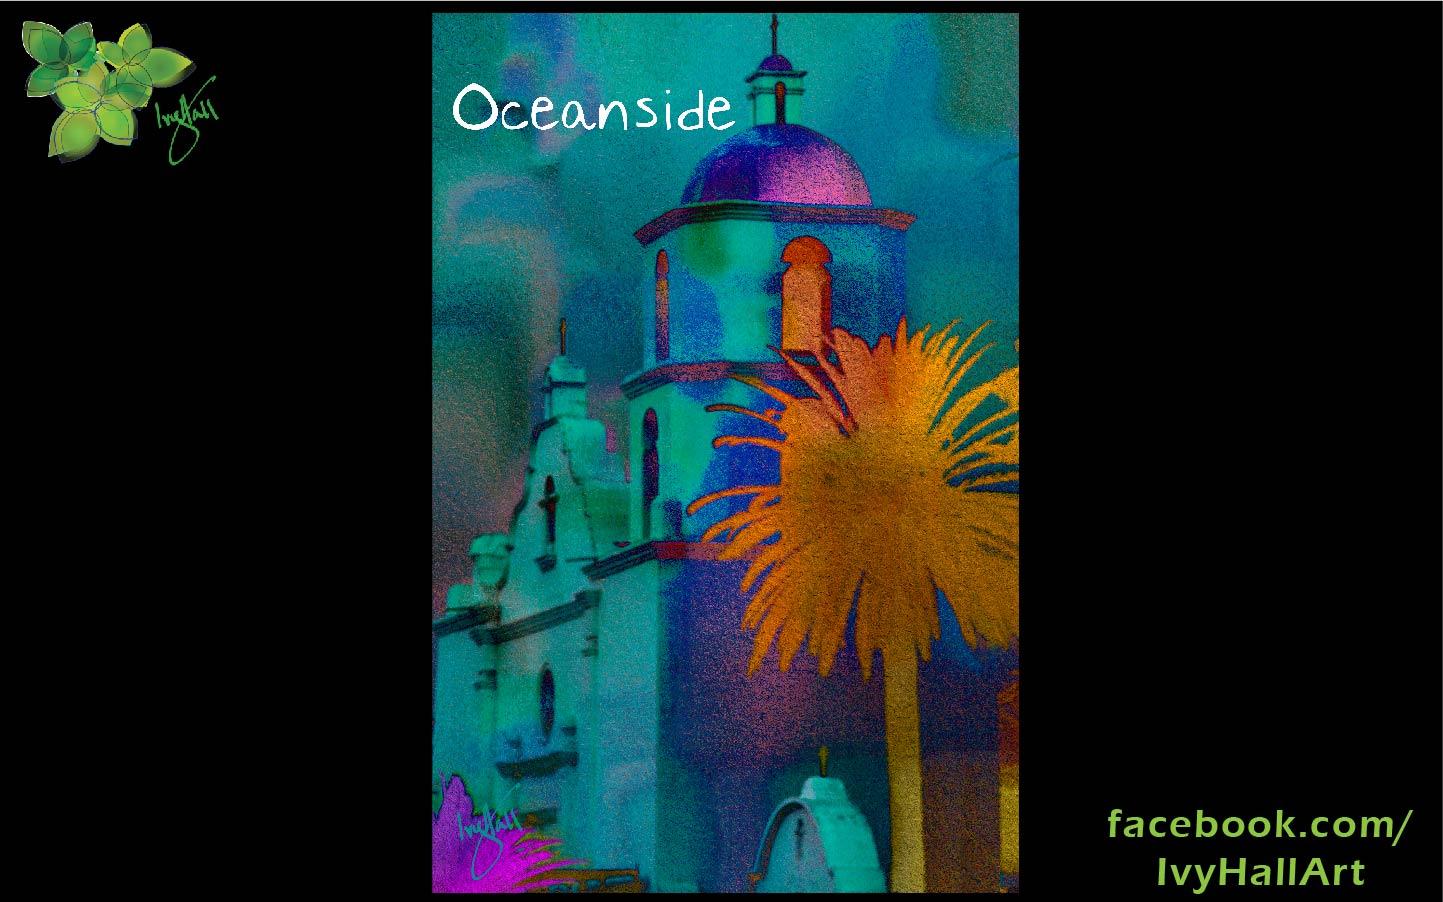 036_Slide_7.jpg